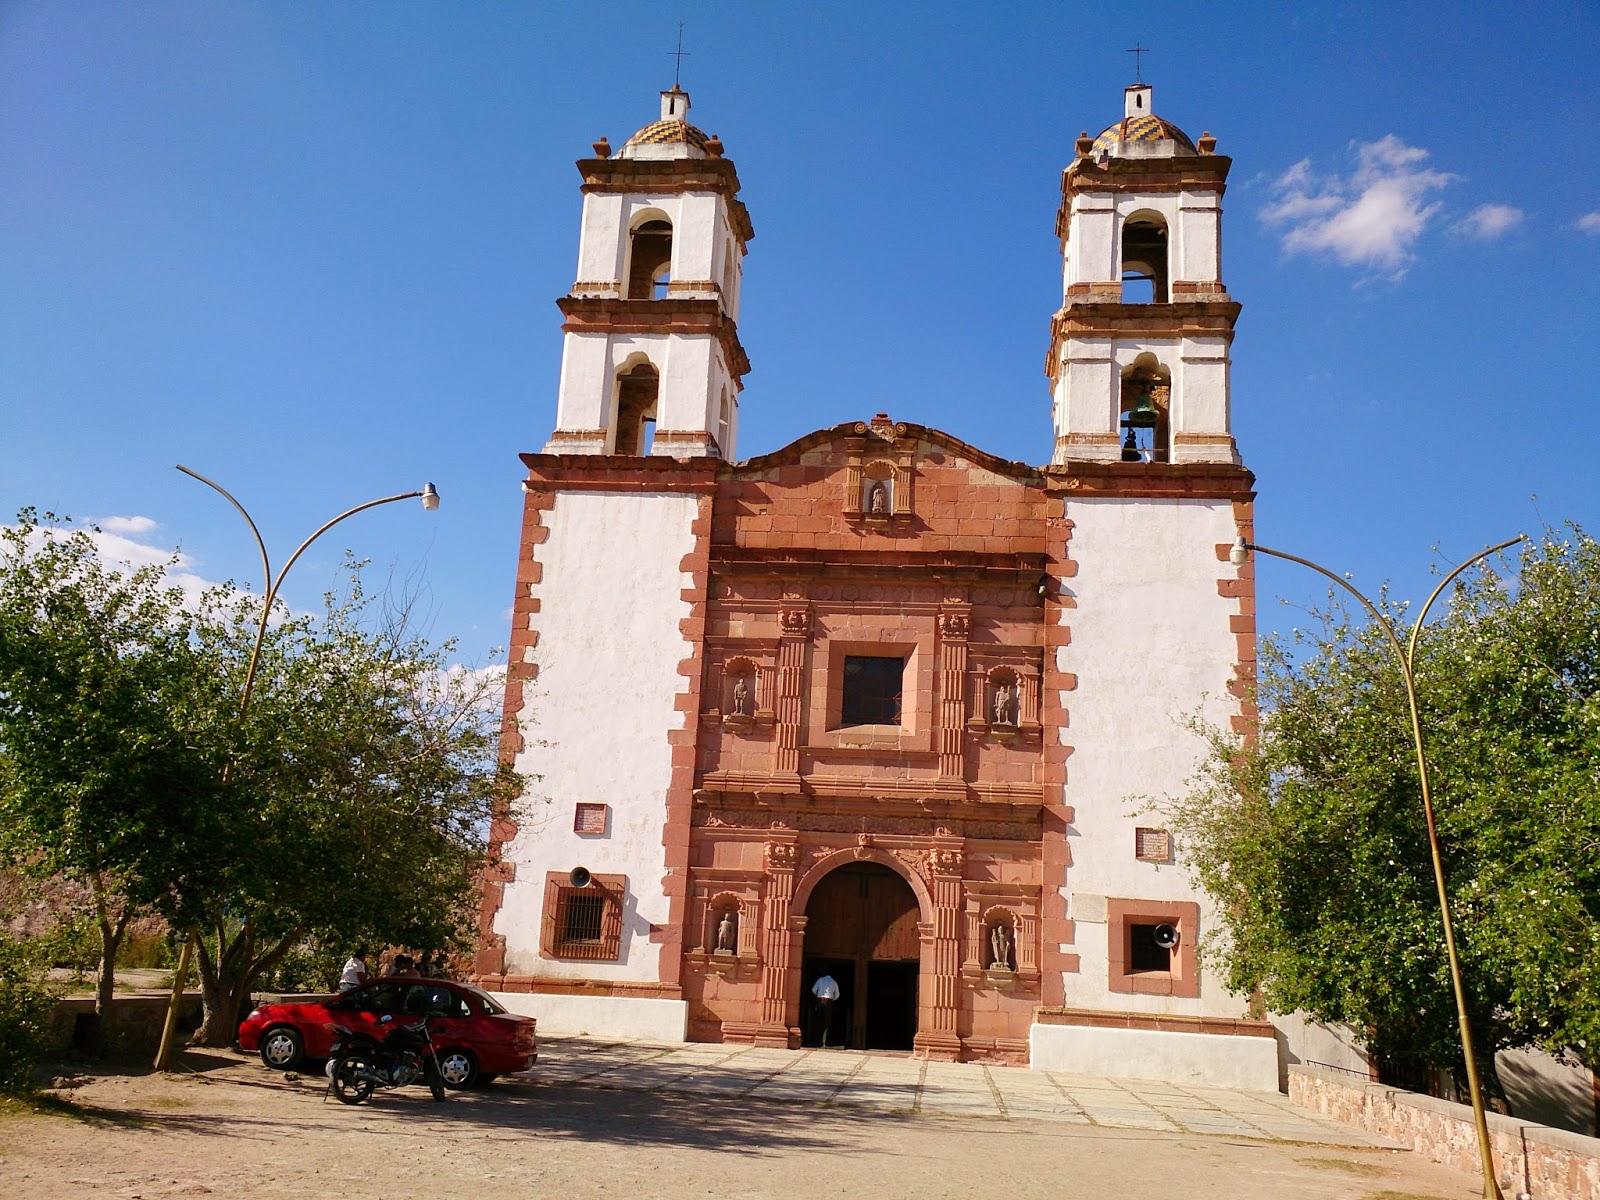 San Miguelillo: La Virgen de las Rocas